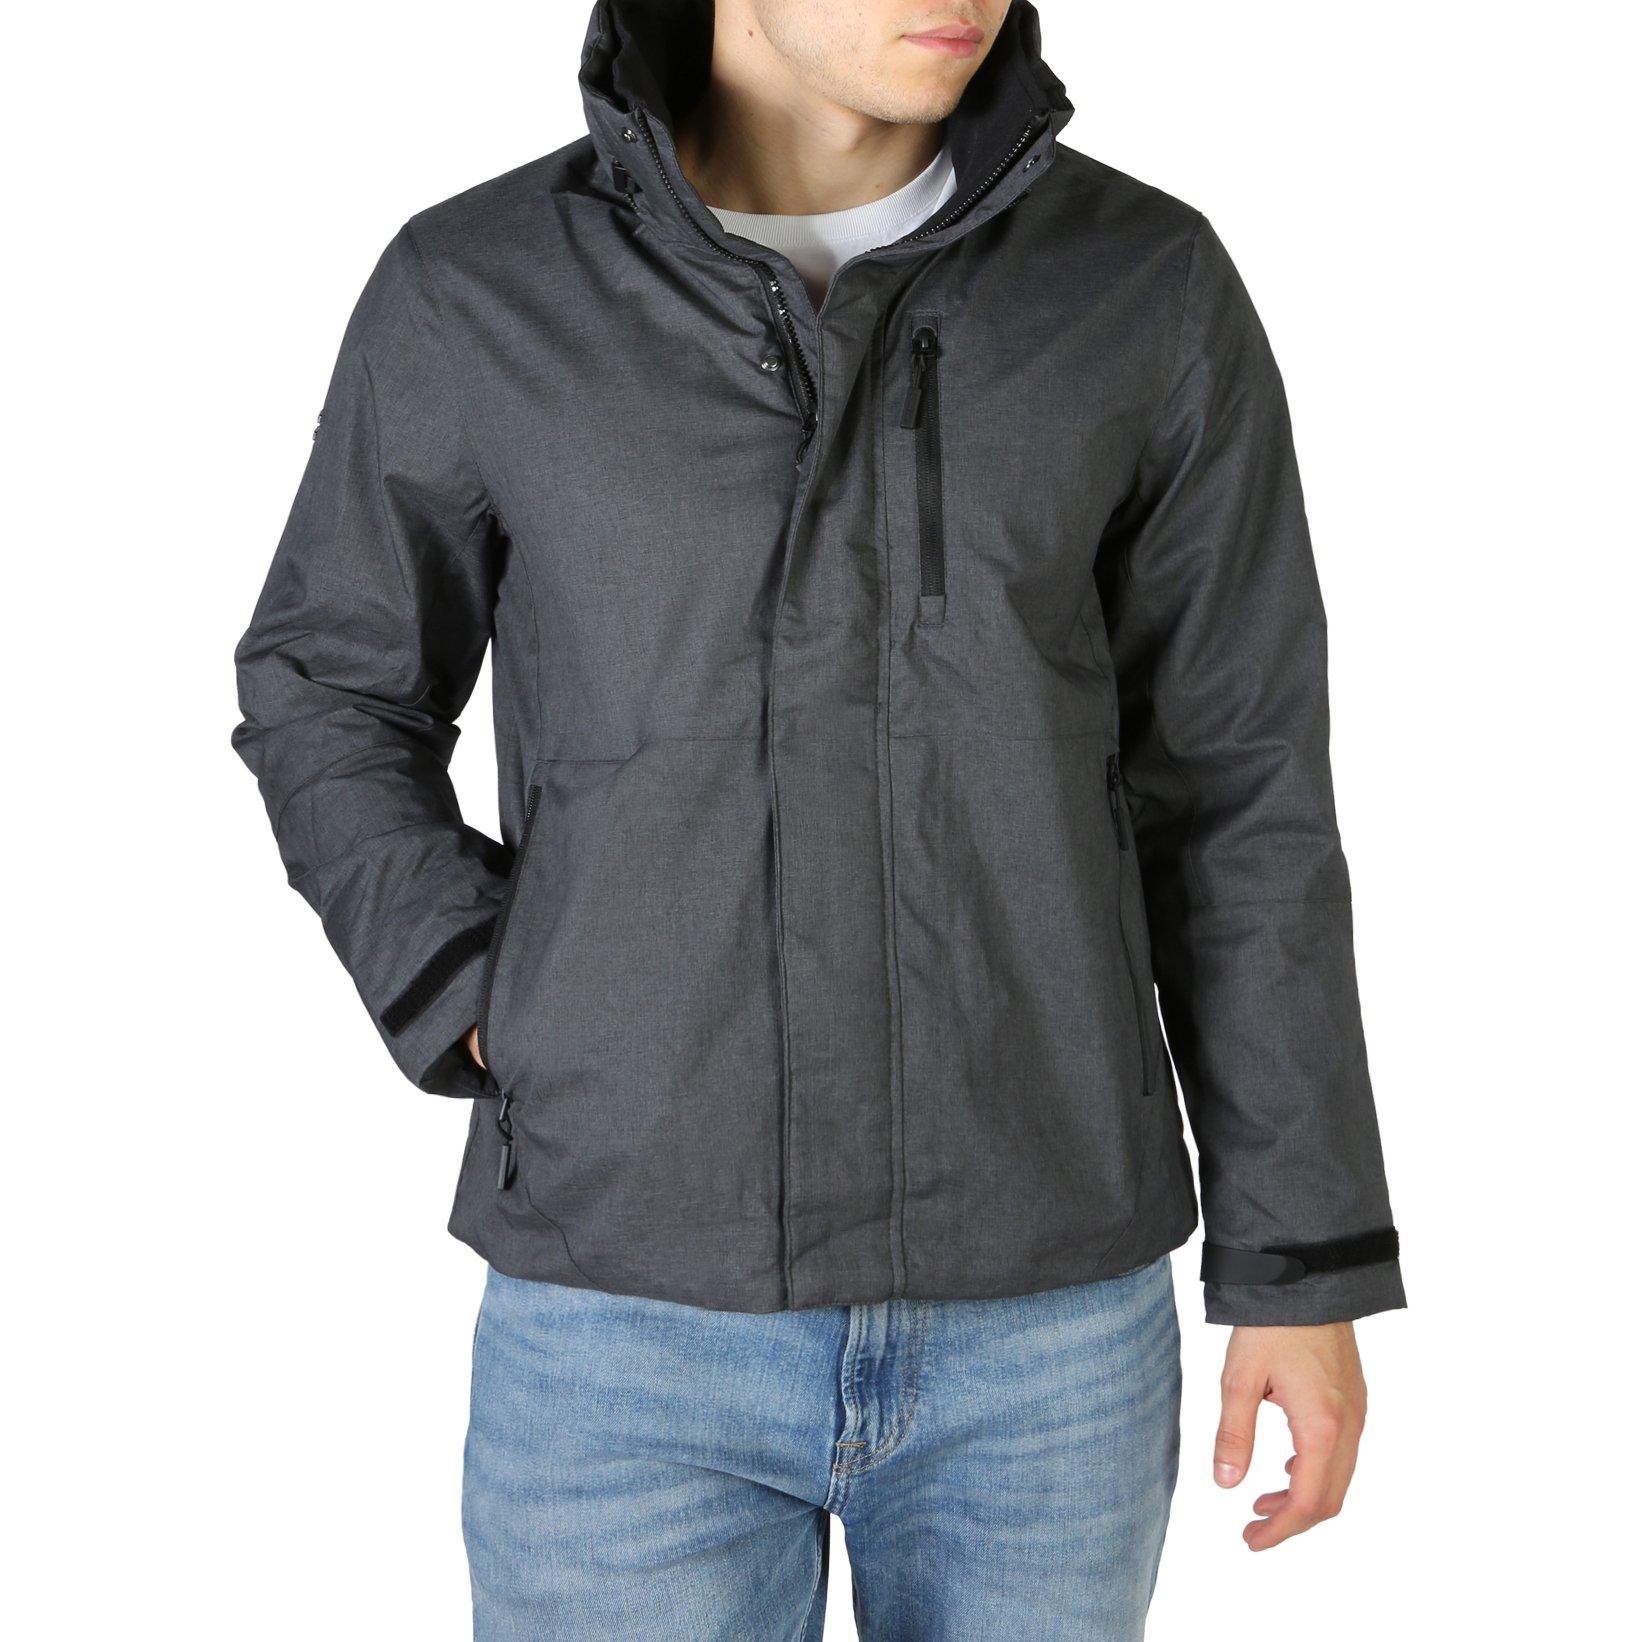 Superdry Men's Jacket Various Colours M5010174A - grey S